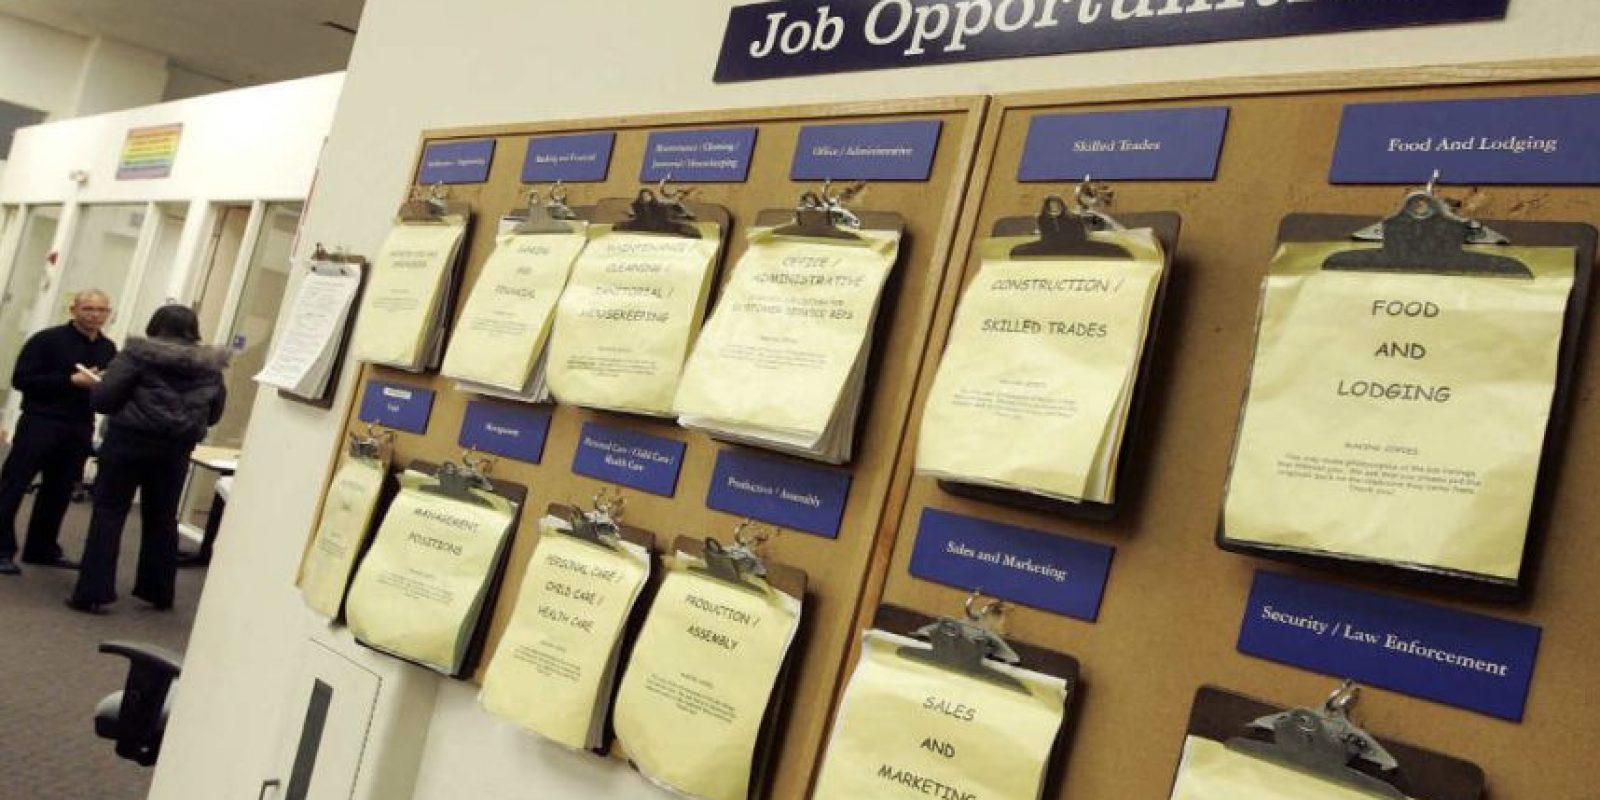 Pueden encontrar oportunidades laborales dentro de los avisos clasificados. Foto:Getty Images